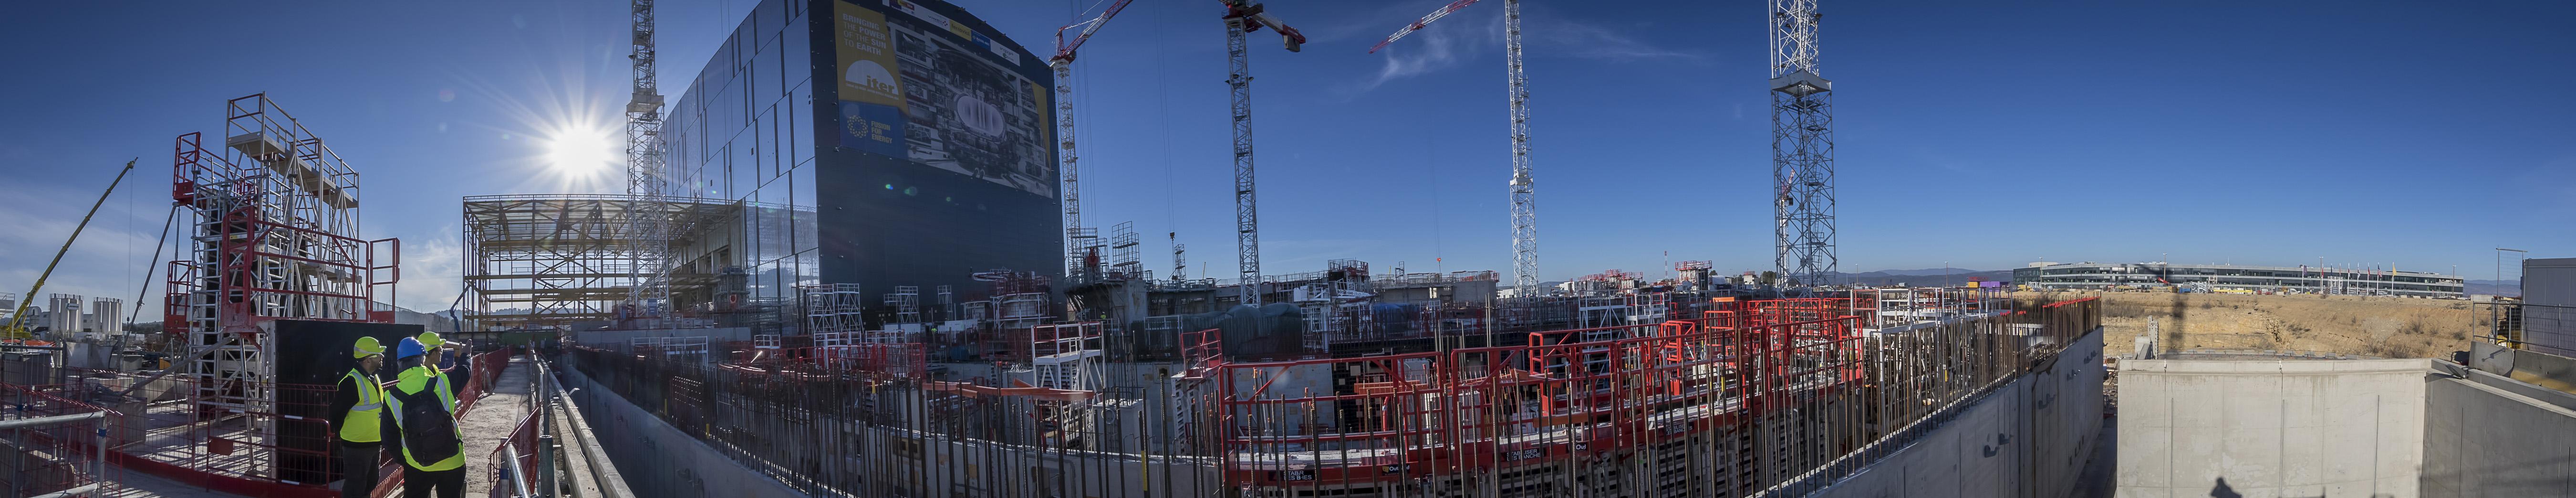 Le cœur de la plateforme ITER (42 ha) est occupé par le Complexe Tokamak (7 niveaux dont 2 souterrains) dont les premiers niveaux commencent à émerger. Au centre de ce bâtiment de 440 000 tonnes, le Bâtiment Tokamak, qui abritera la machine. Côté nord, le Bâtiment Tritium, dans lequel sera géré et stocké le tritium (isotope de l'hydrogène qui constitue, avec le deutérium, le « combustible » d'ITER et des futurs réacteurs de fusion). Côté sud, le Bâtiment Diagnostics qui abrite tous les systèmes qui vont ausculter le plasma en temps réel. Quand le Complexe Tokamak aura atteint son 5e niveau, une structure métallique viendra prolonger le Hall d'Assemblage, de manière à ce que le pont roulant puisse positionner les pièces à assembler dans le « puits » du Tokamak. ©E.Raz/CCAS